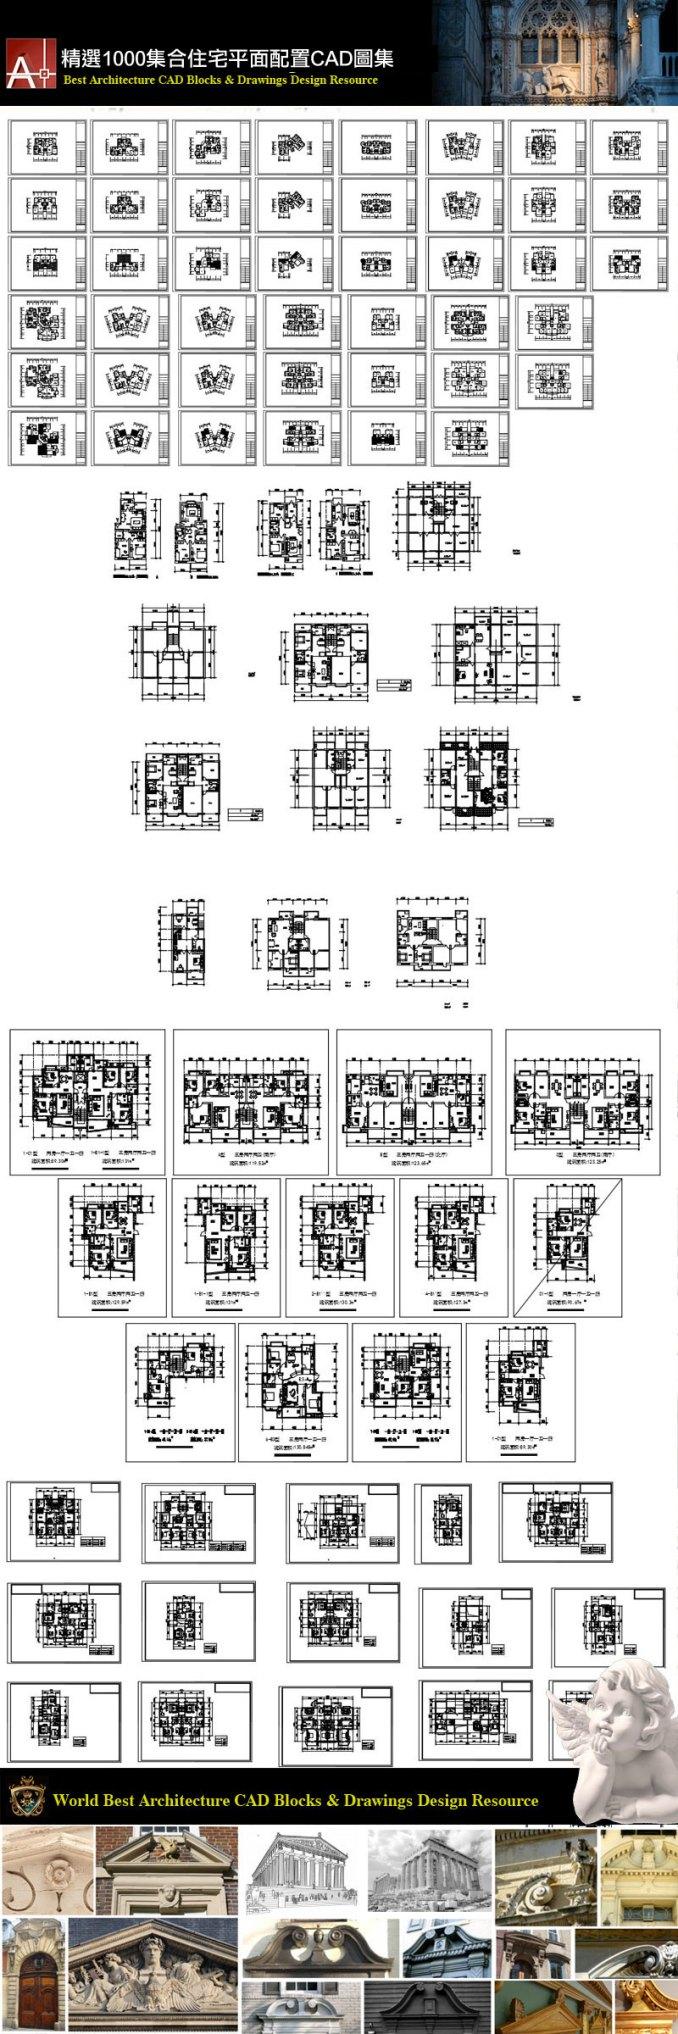 集合住宅平面配置圖、各種戶型平面配置、大樓公寓配置圖、小區景觀配置、公設景觀配置圖